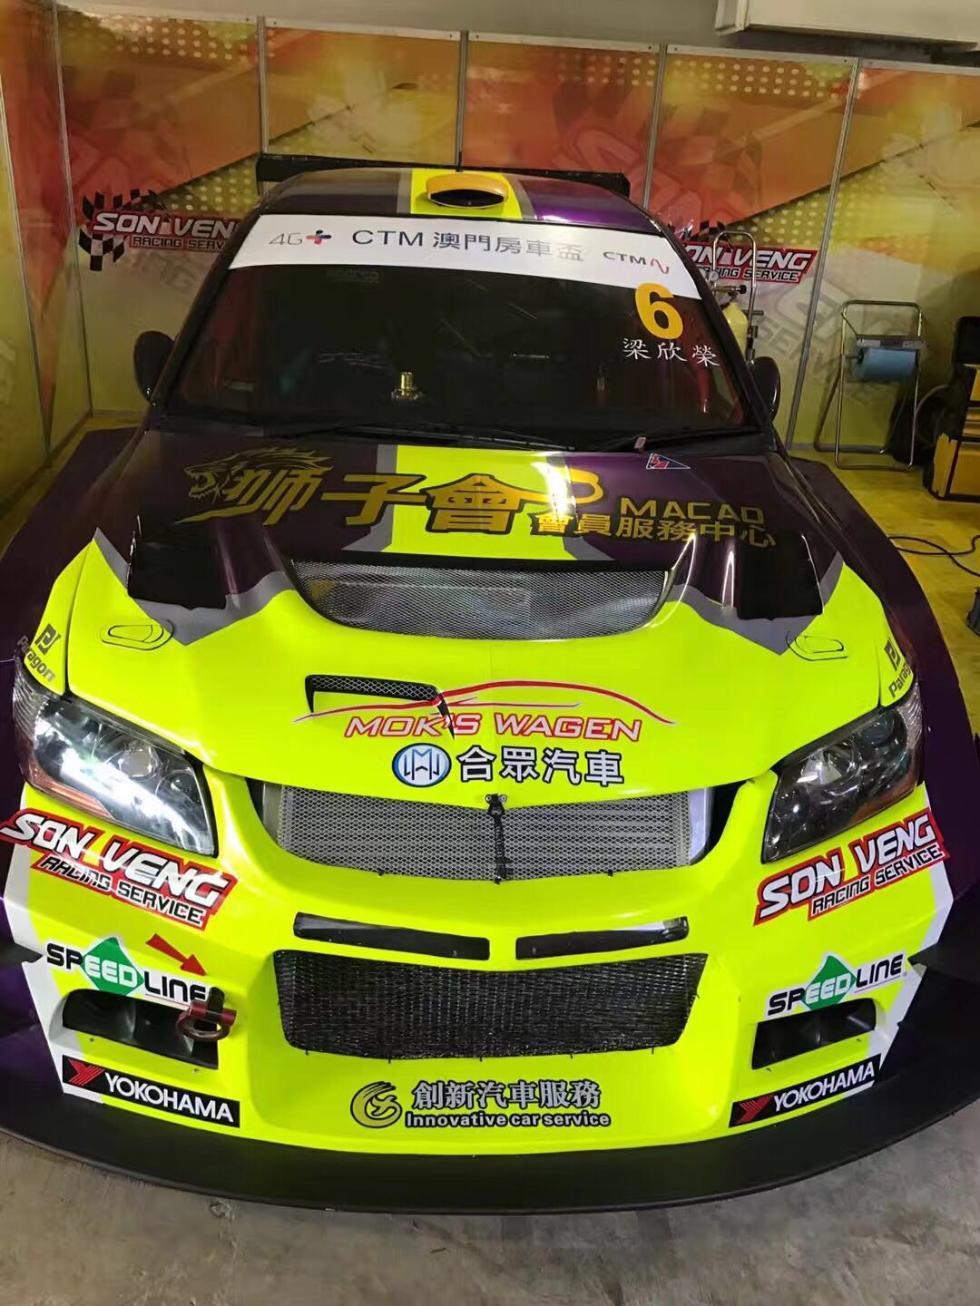 壁纸 汽车 赛车 980_1306 竖版 竖屏 手机